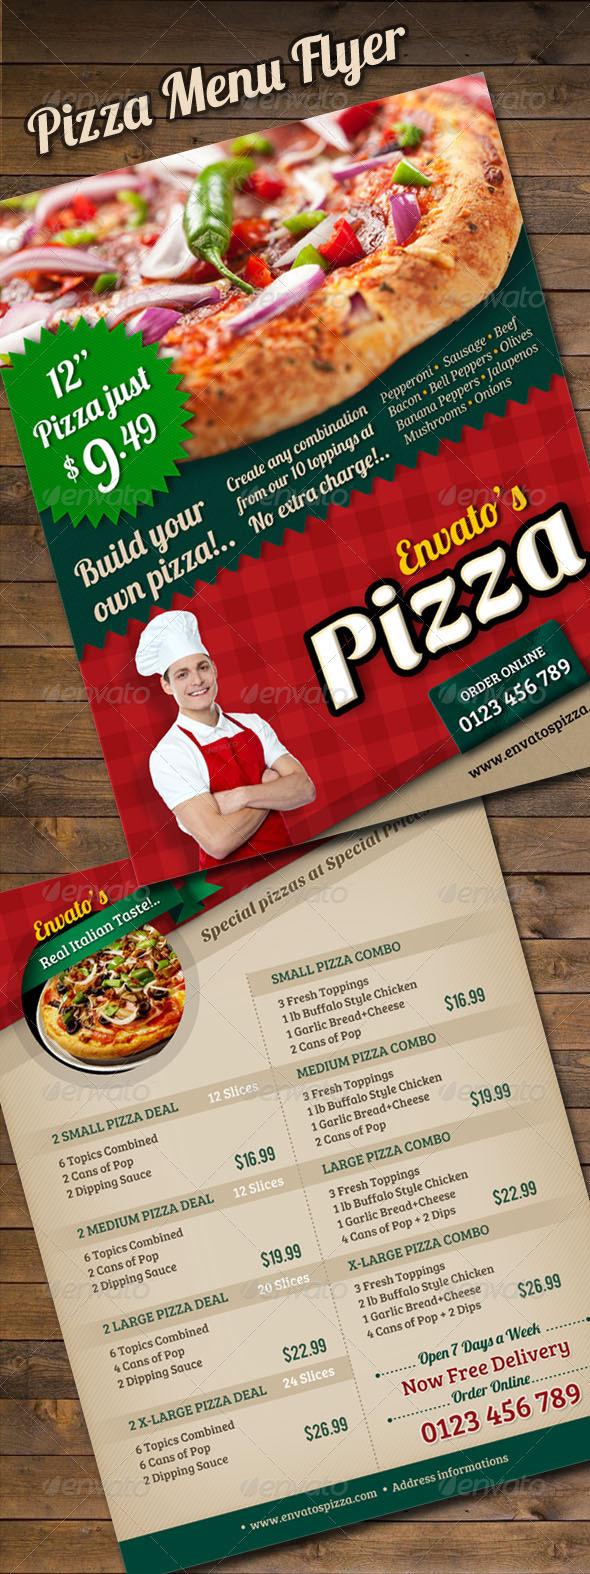 GraphicRiver Pizza Menu Flyer 3742227